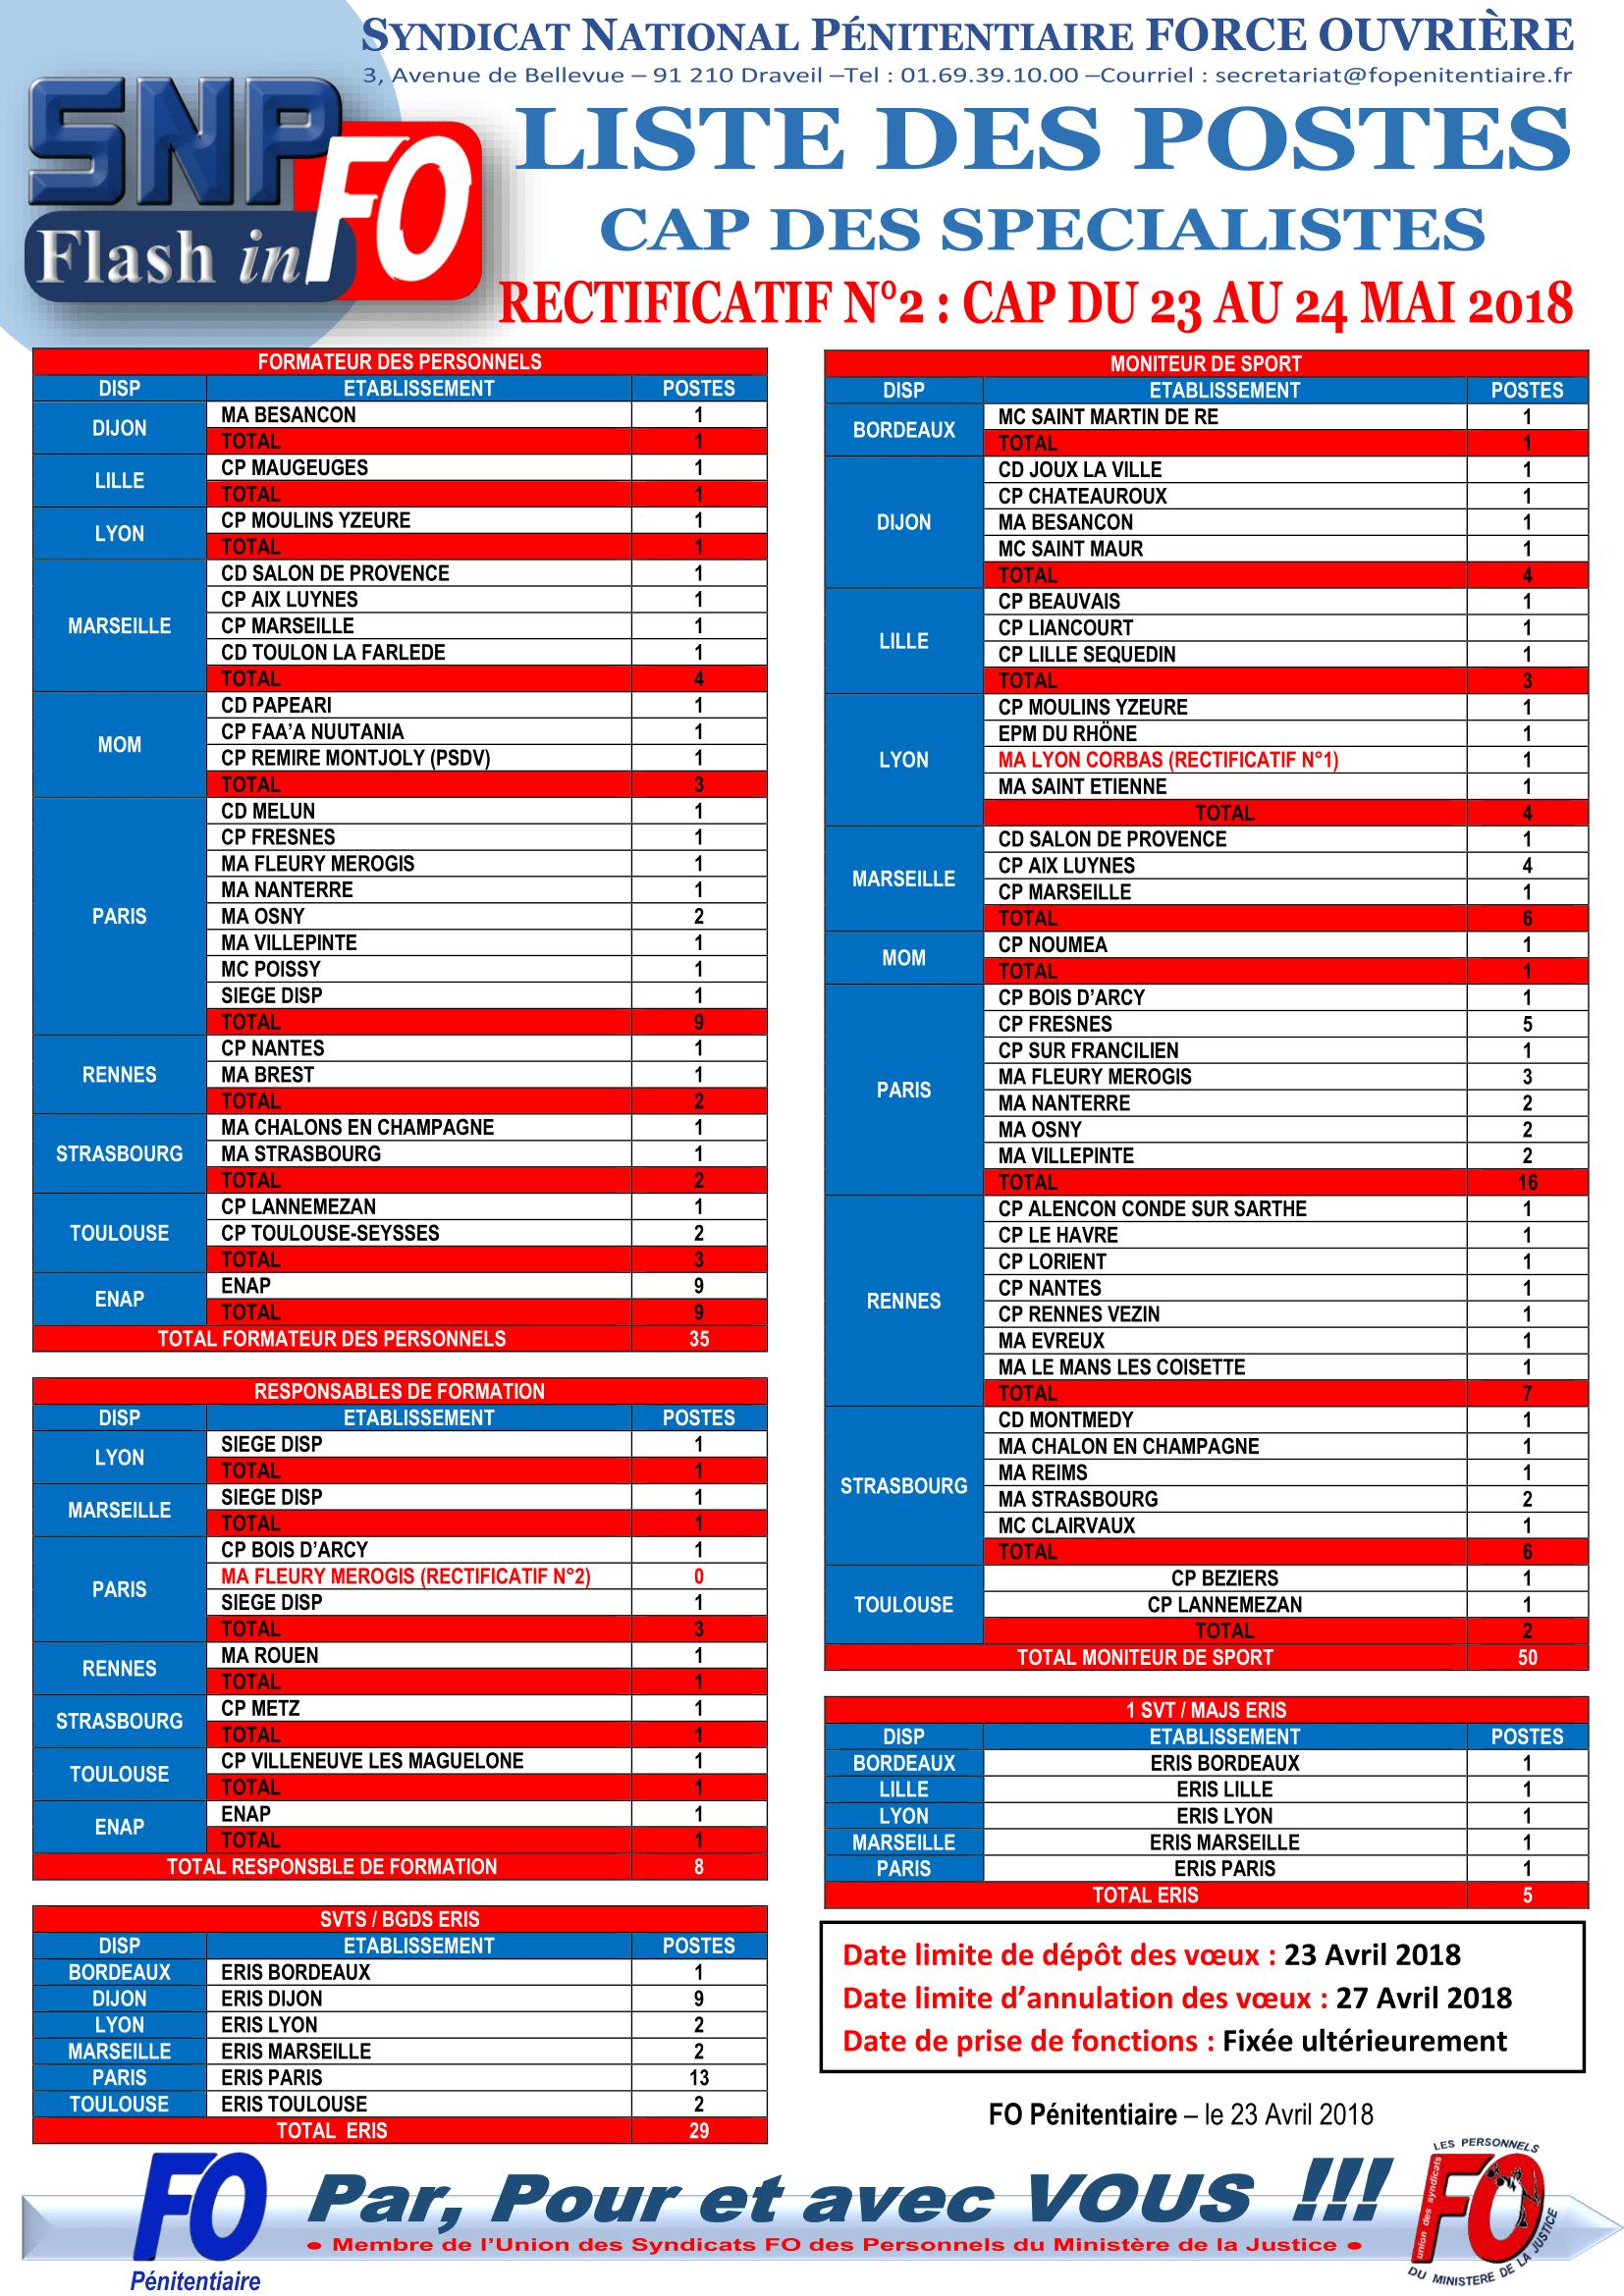 20180423 -Communiqué National - RECTIFICATIF 2 - Postes CAP Spécialistes 23 et 24 Mai 2018-1